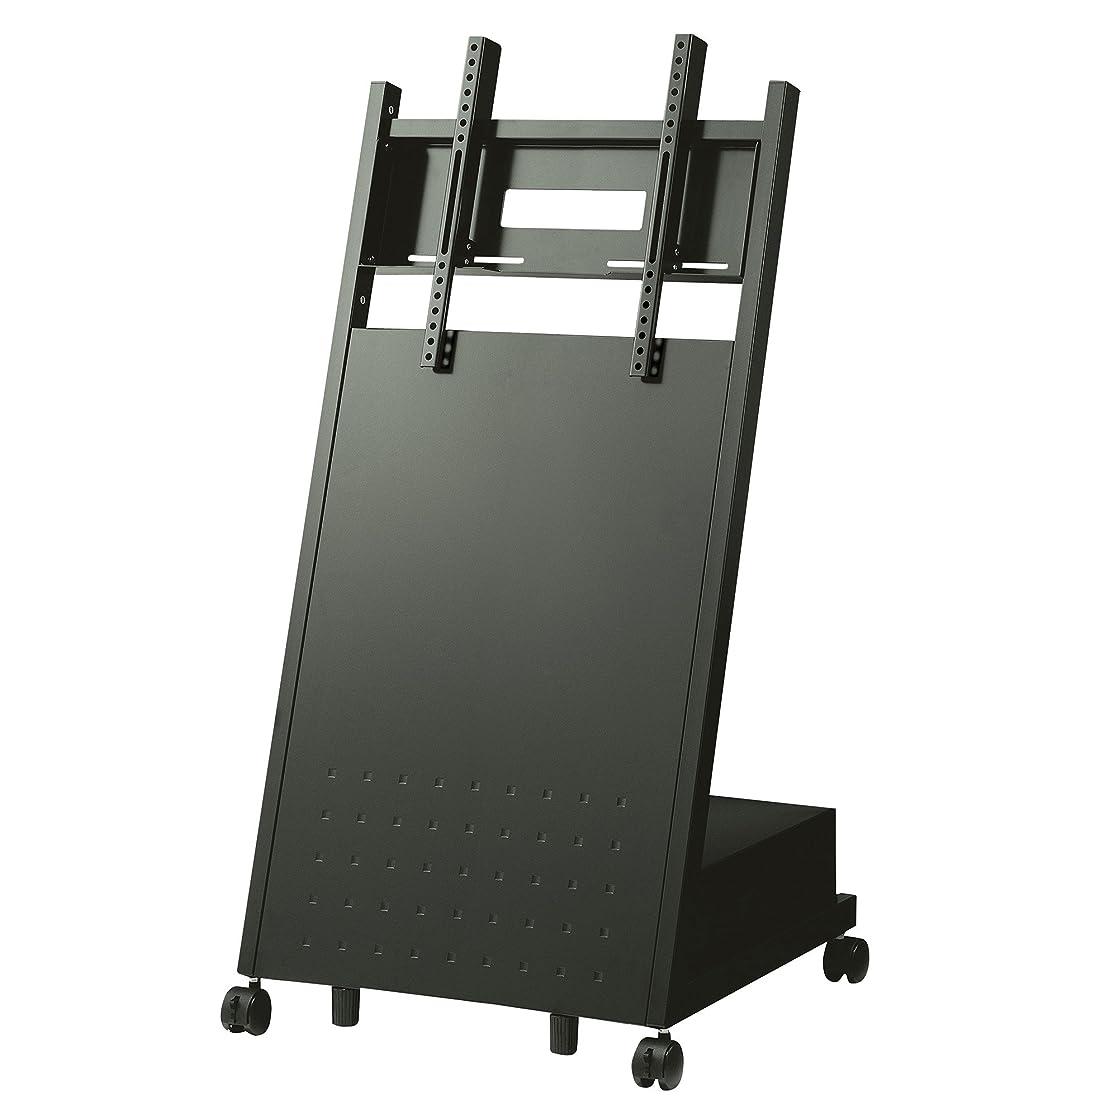 ハヤミ工産 【HAMILeX】 XSシリーズ (48v~60v型対応) ディスプレイスタンド/テレビスタンド[大型用] XS-4860H